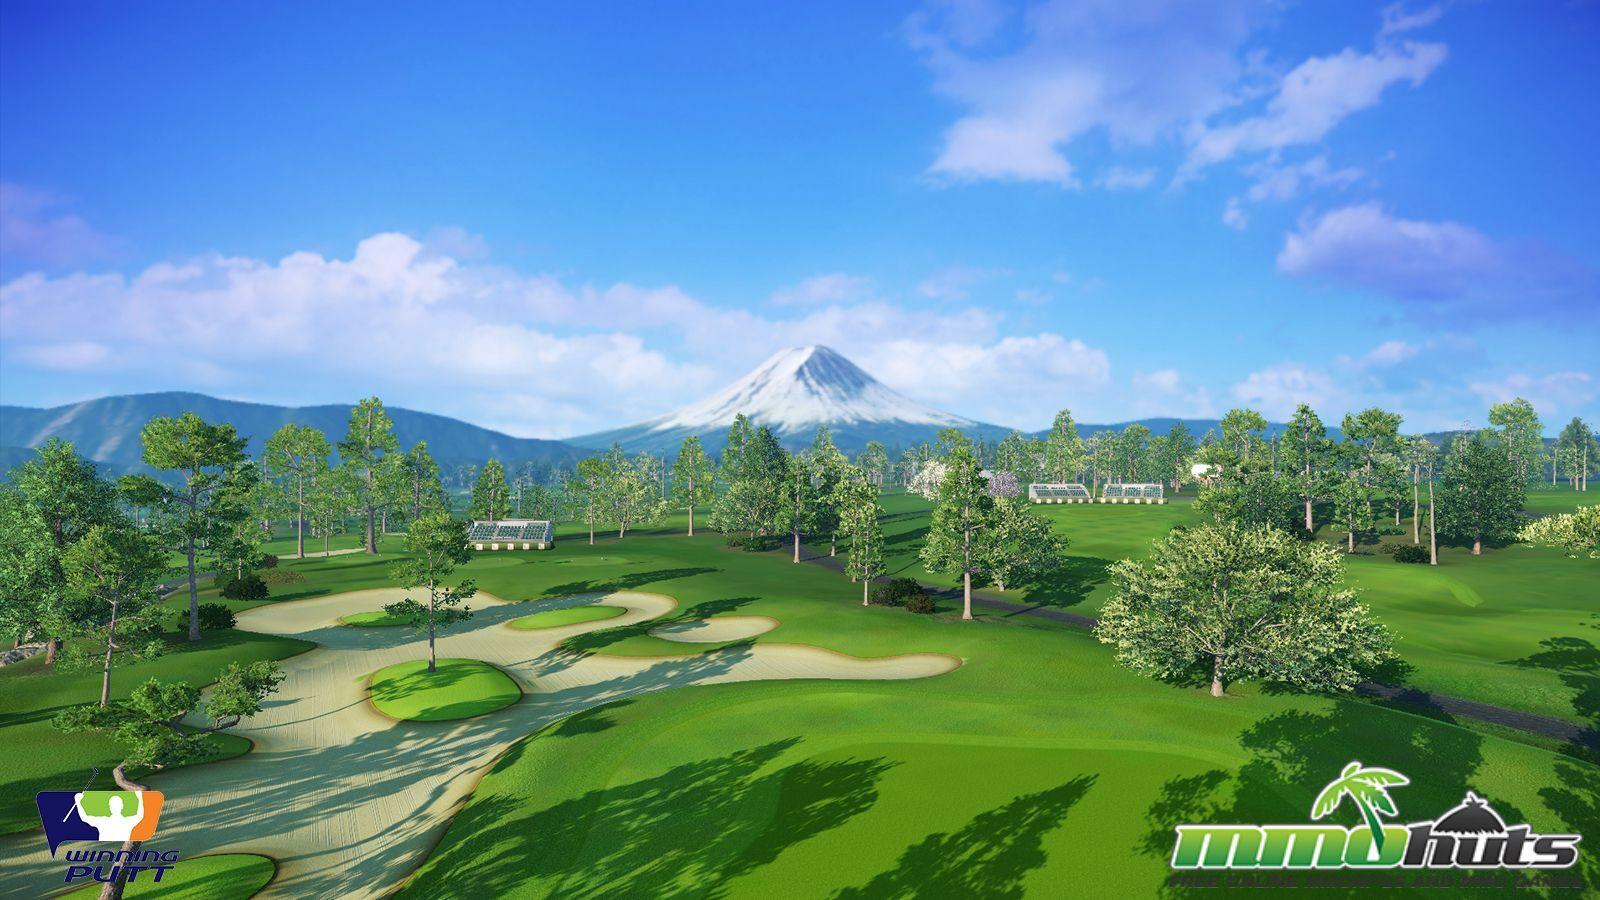 Winning Putt Preview Screenshot 15 Golf Course Day